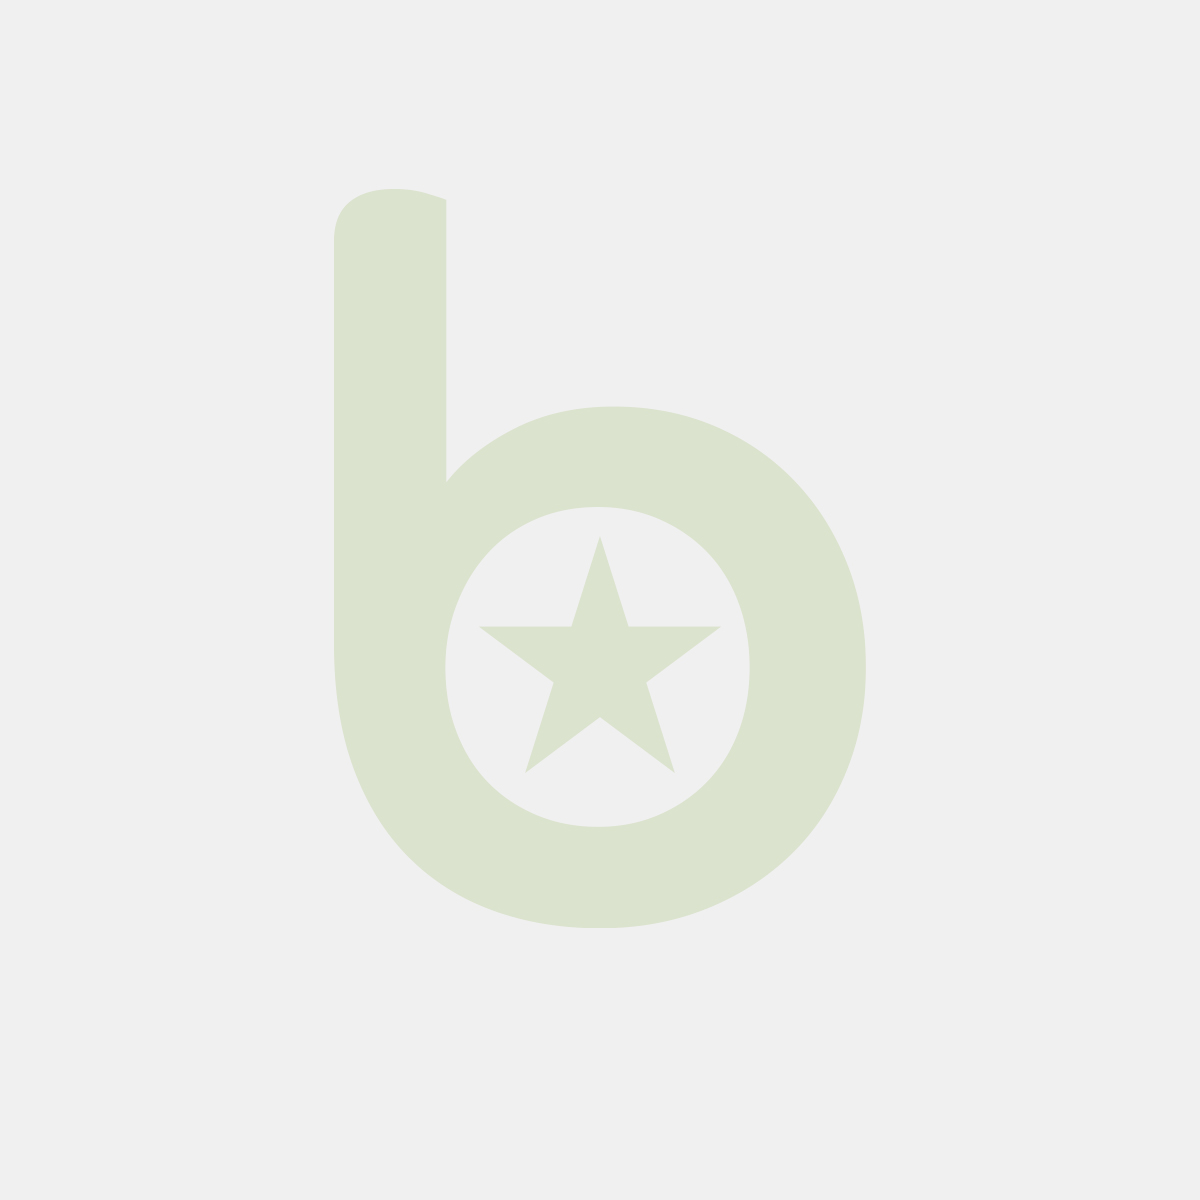 Worki polipropylenowe (PP) 65x105cm (76g) - 50kg, cena za 100szt